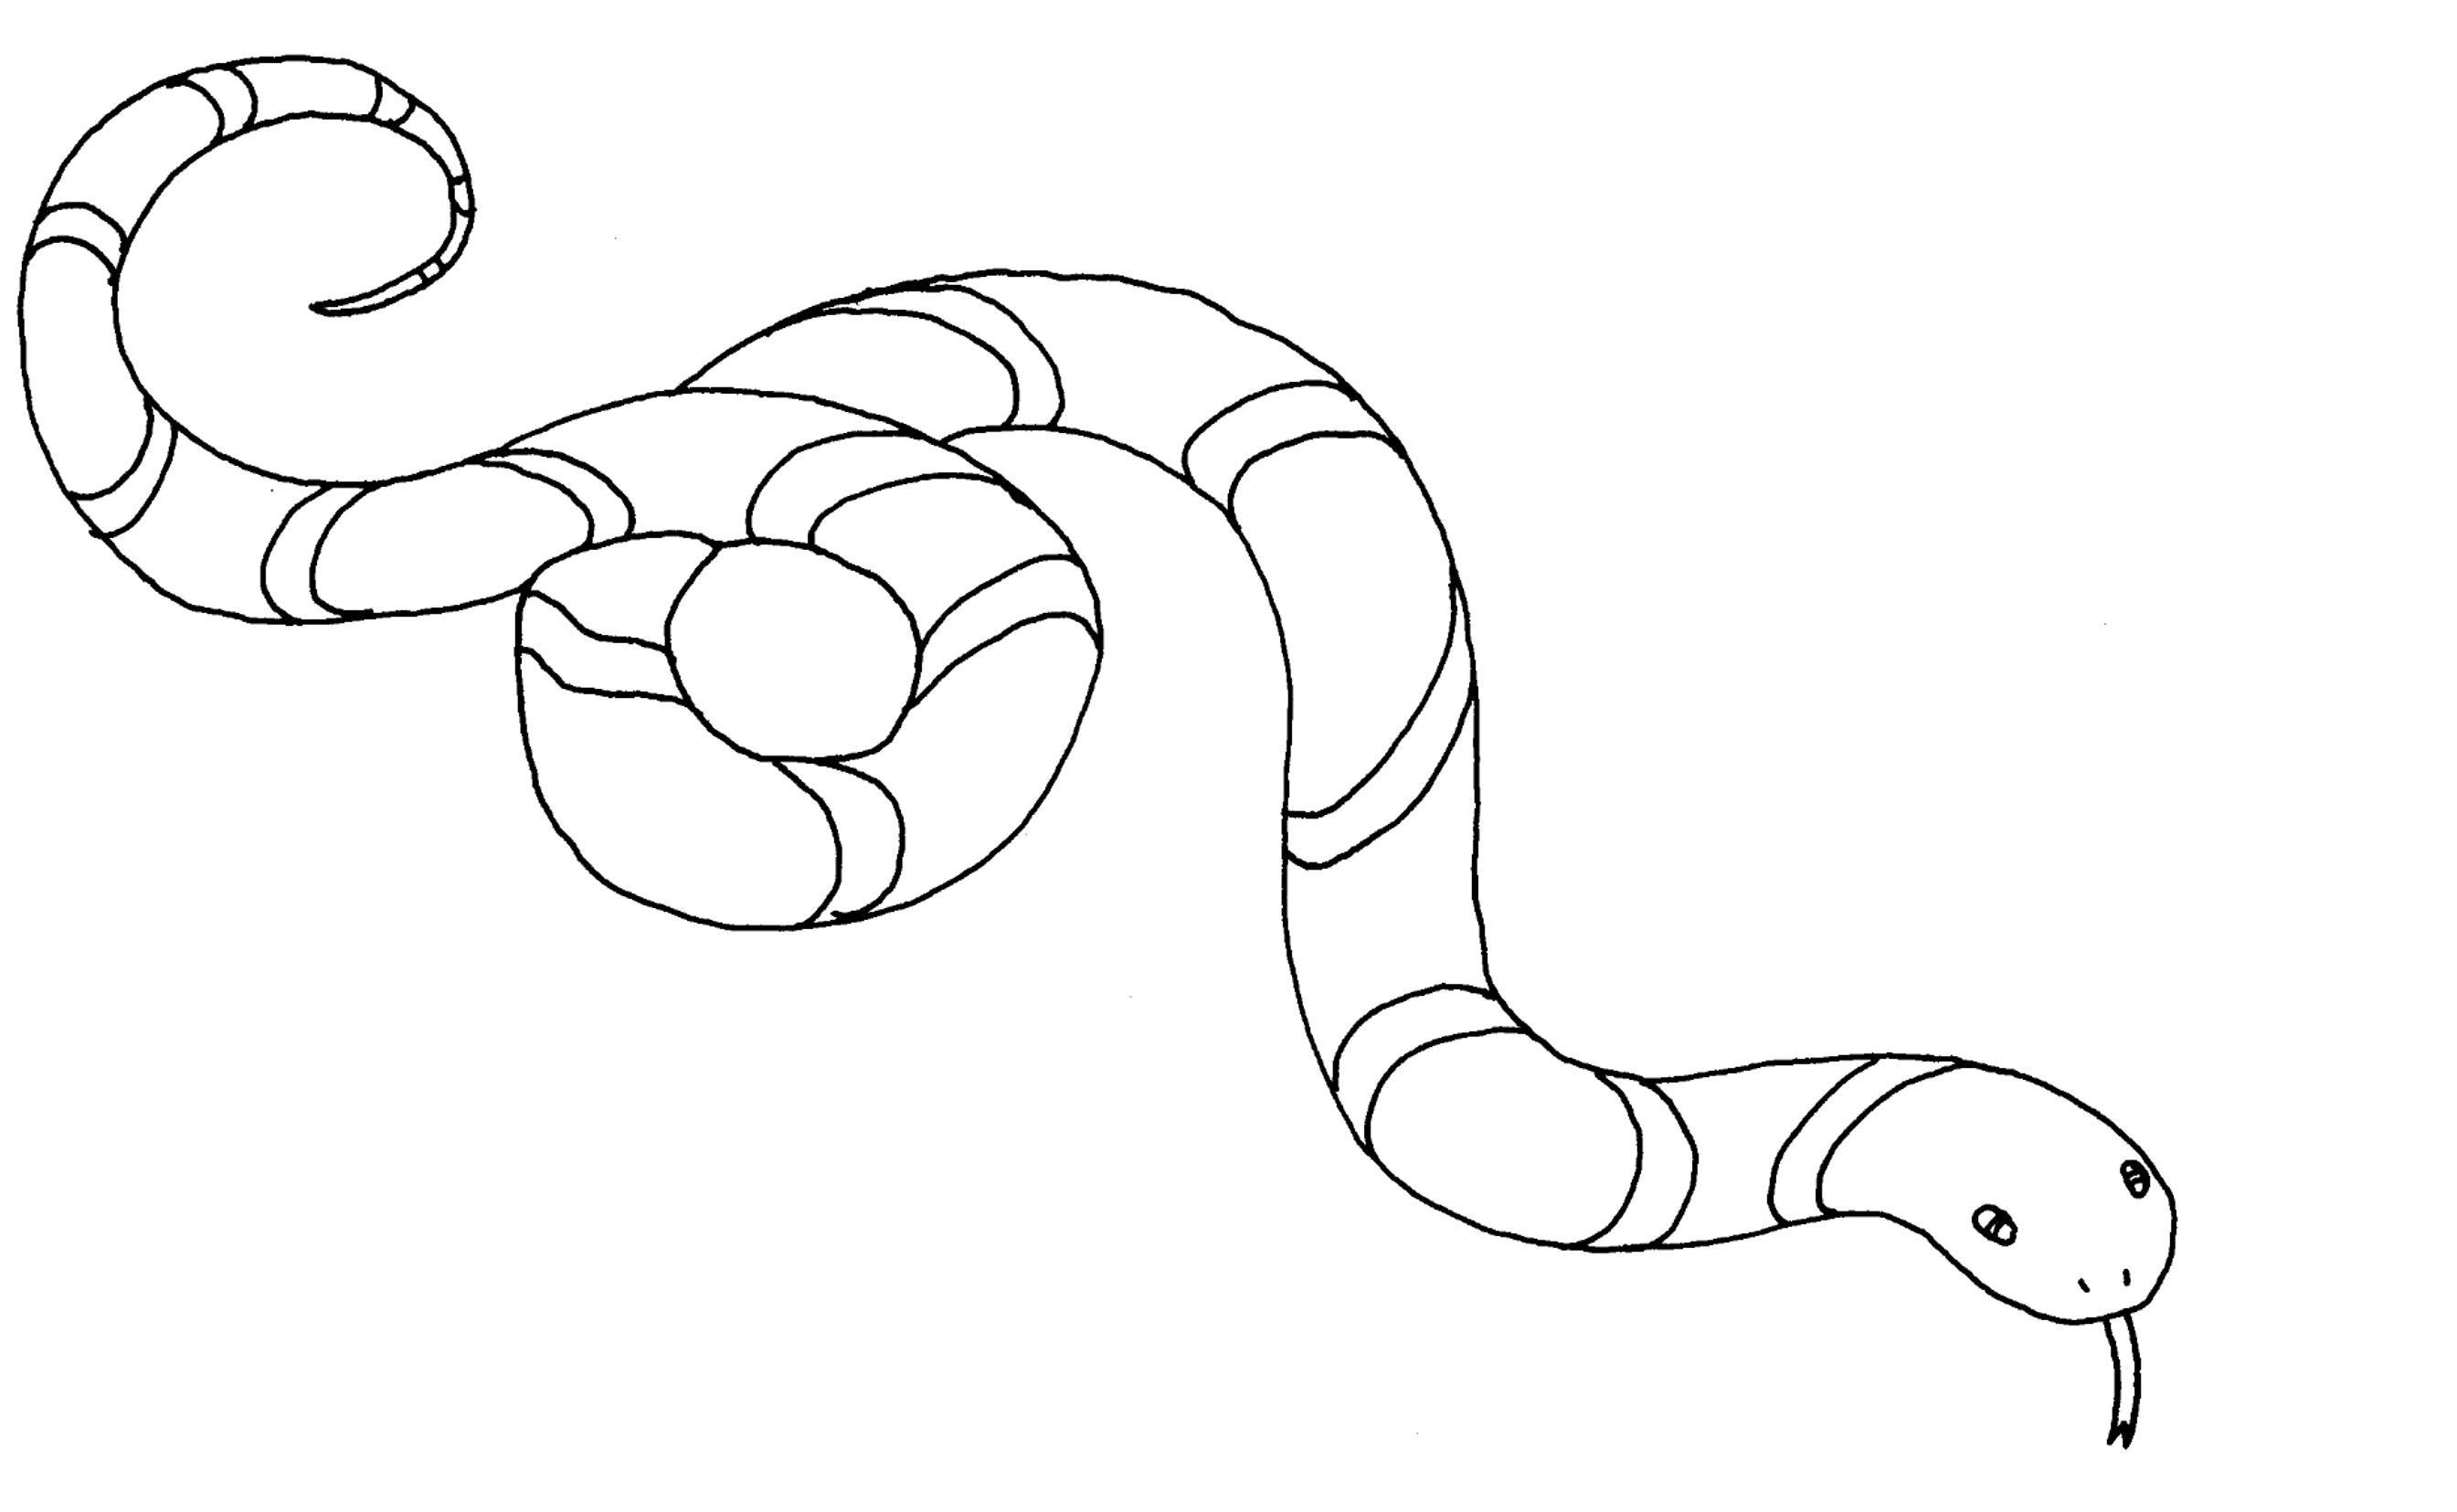 Coloriage Animaux Serpent.Coloriages A Imprimer Serpent Numero 24045